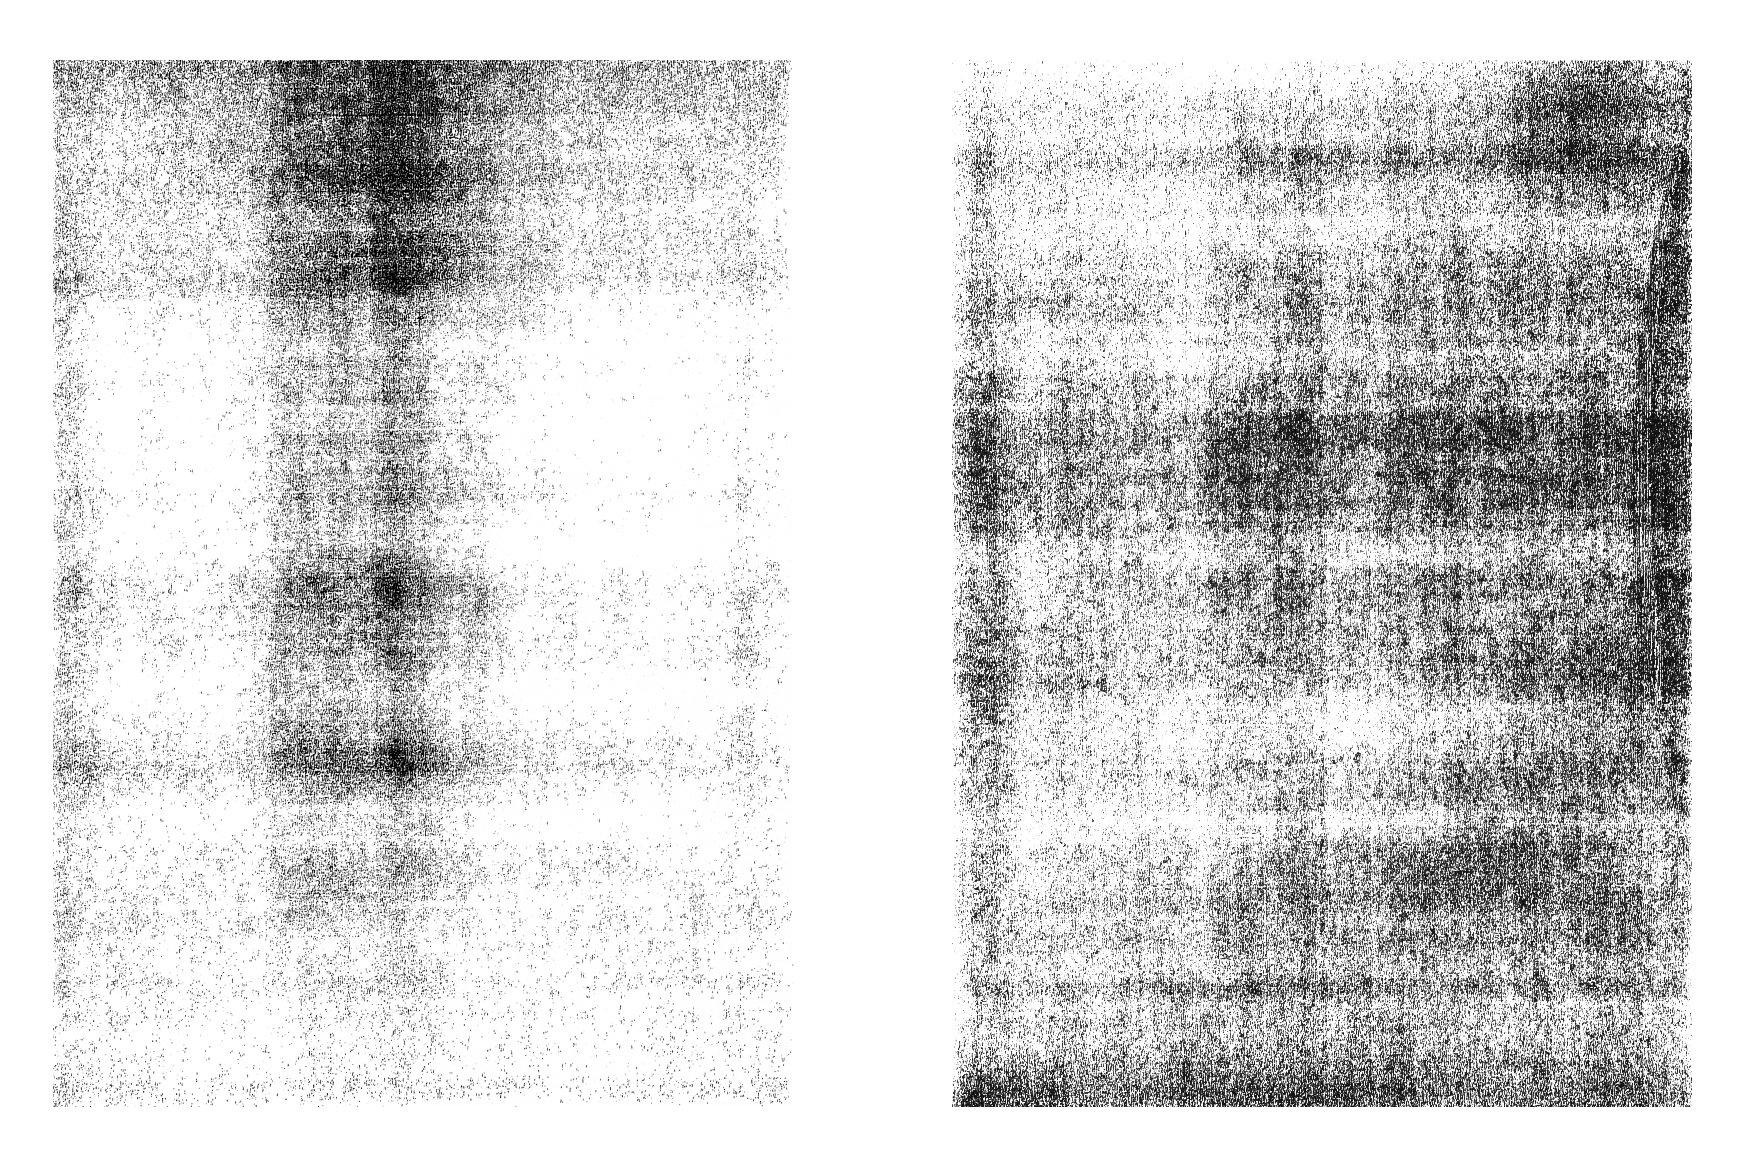 156款复古做旧折痕磨损褶皱纸张背景纹理素材合集 The Grunge Texture Bundle Vol. 1插图(83)